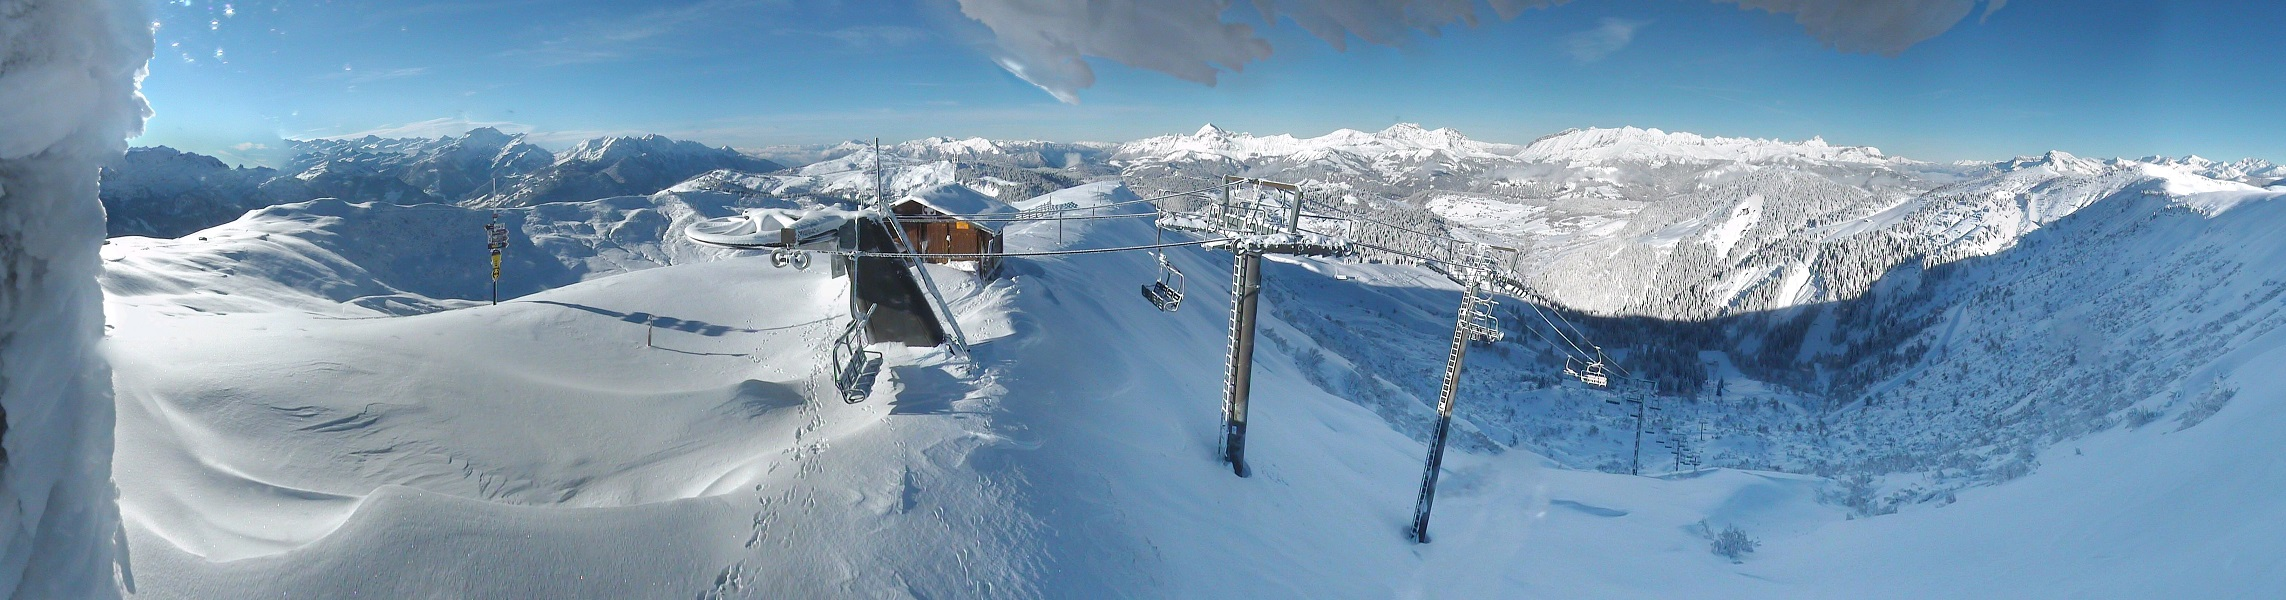 Paysage de rêve au sommet du TS de Plan des Fours, point culminant du domaine skiable